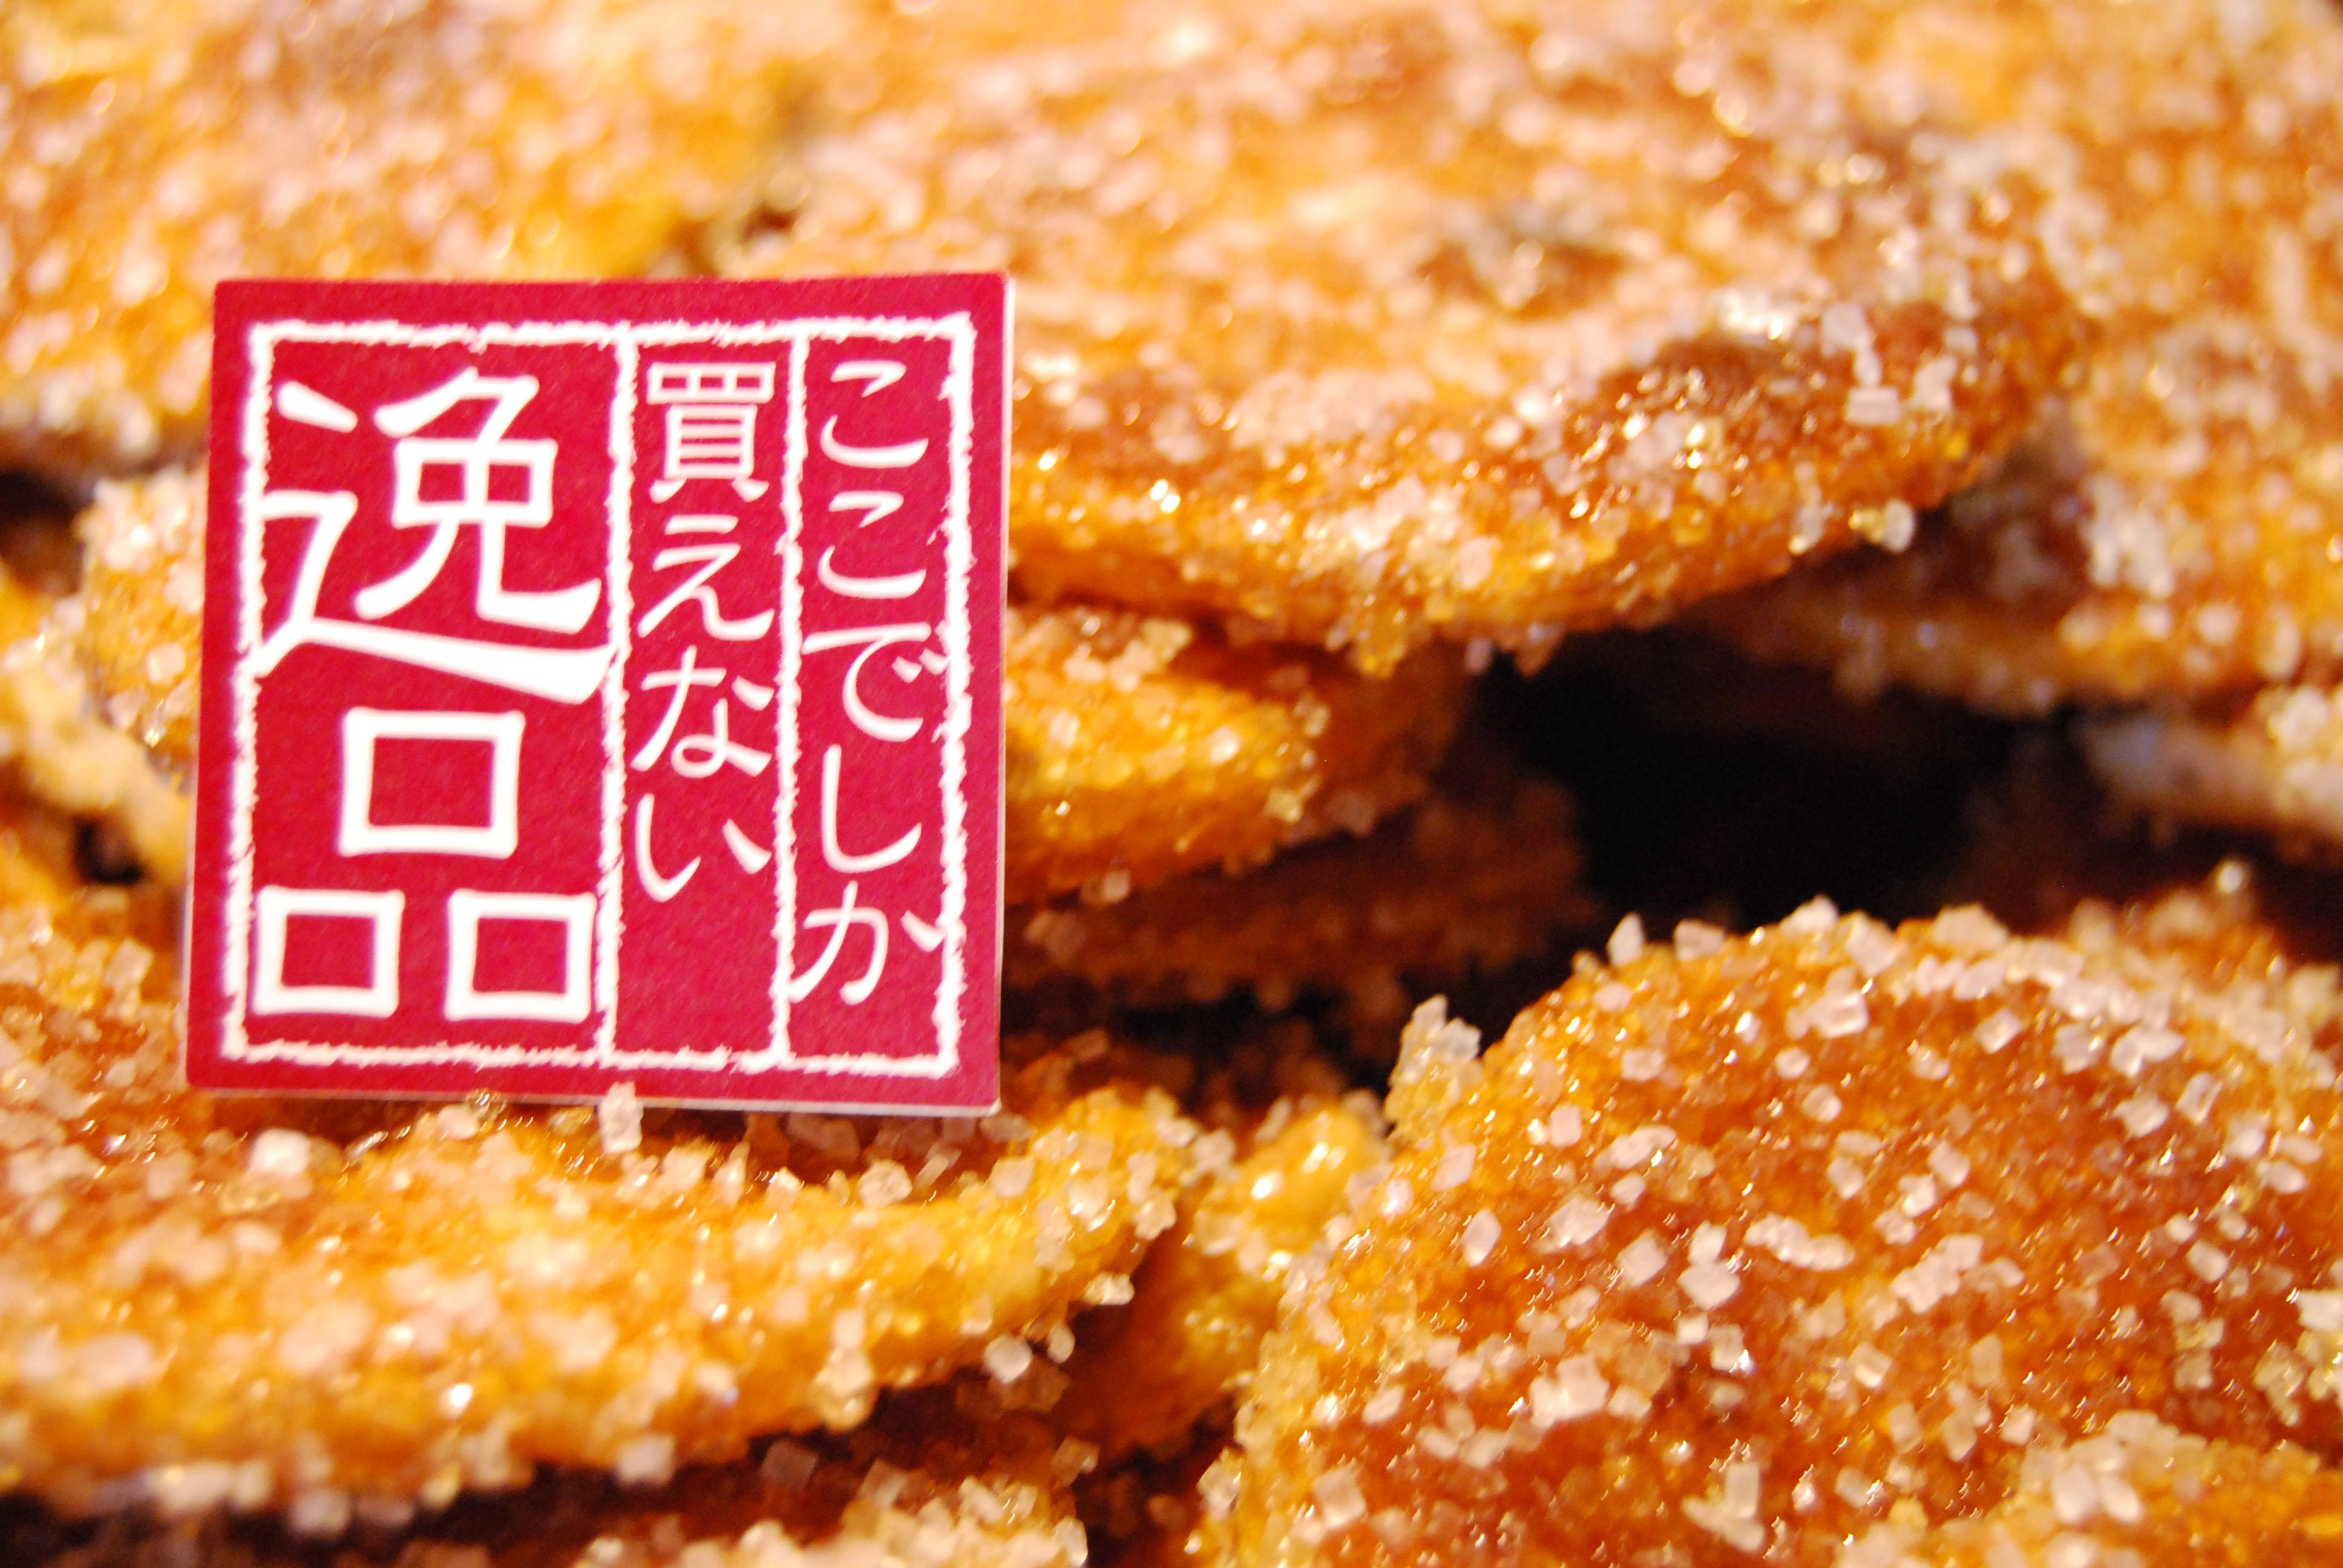 【人気NO.1・包装済み】しっとりやわらか、ざらめ(ごま)5枚入り5袋セット(おいしい手焼き・手作りせんべい)